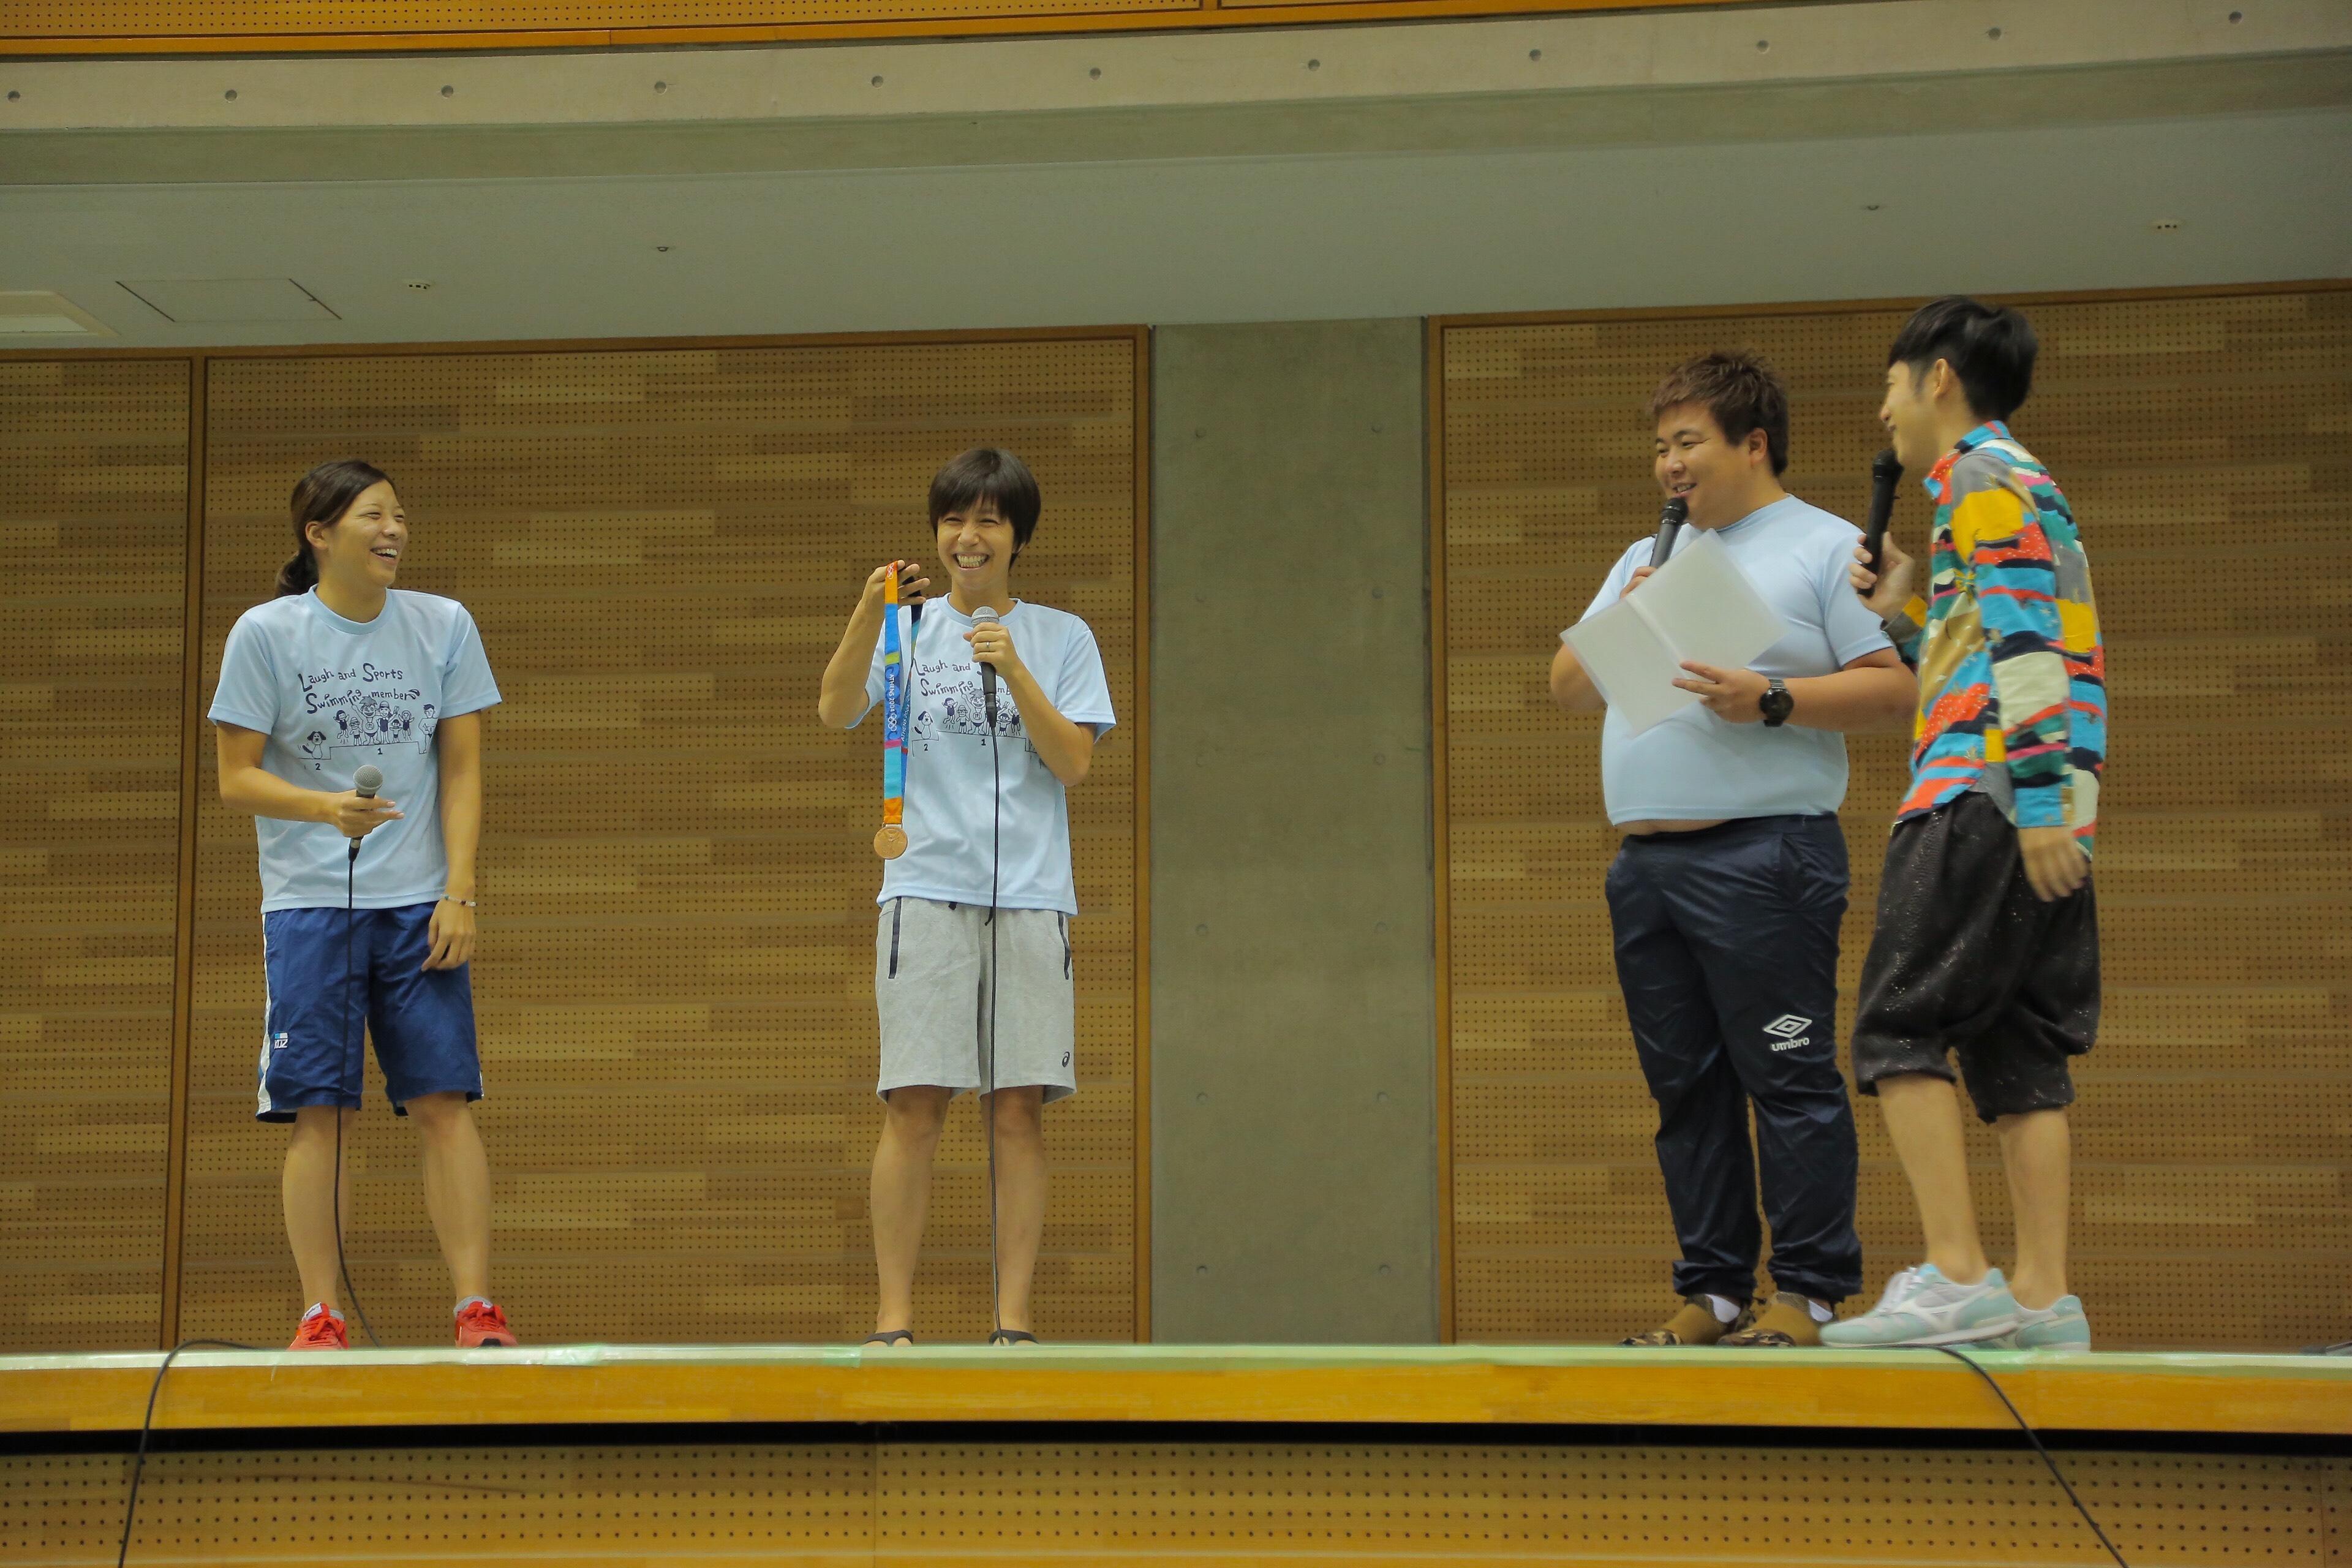 http://news.yoshimoto.co.jp/20171001211625-edba01d5cb2b484cc977a281ddc936254c5745c5.jpg